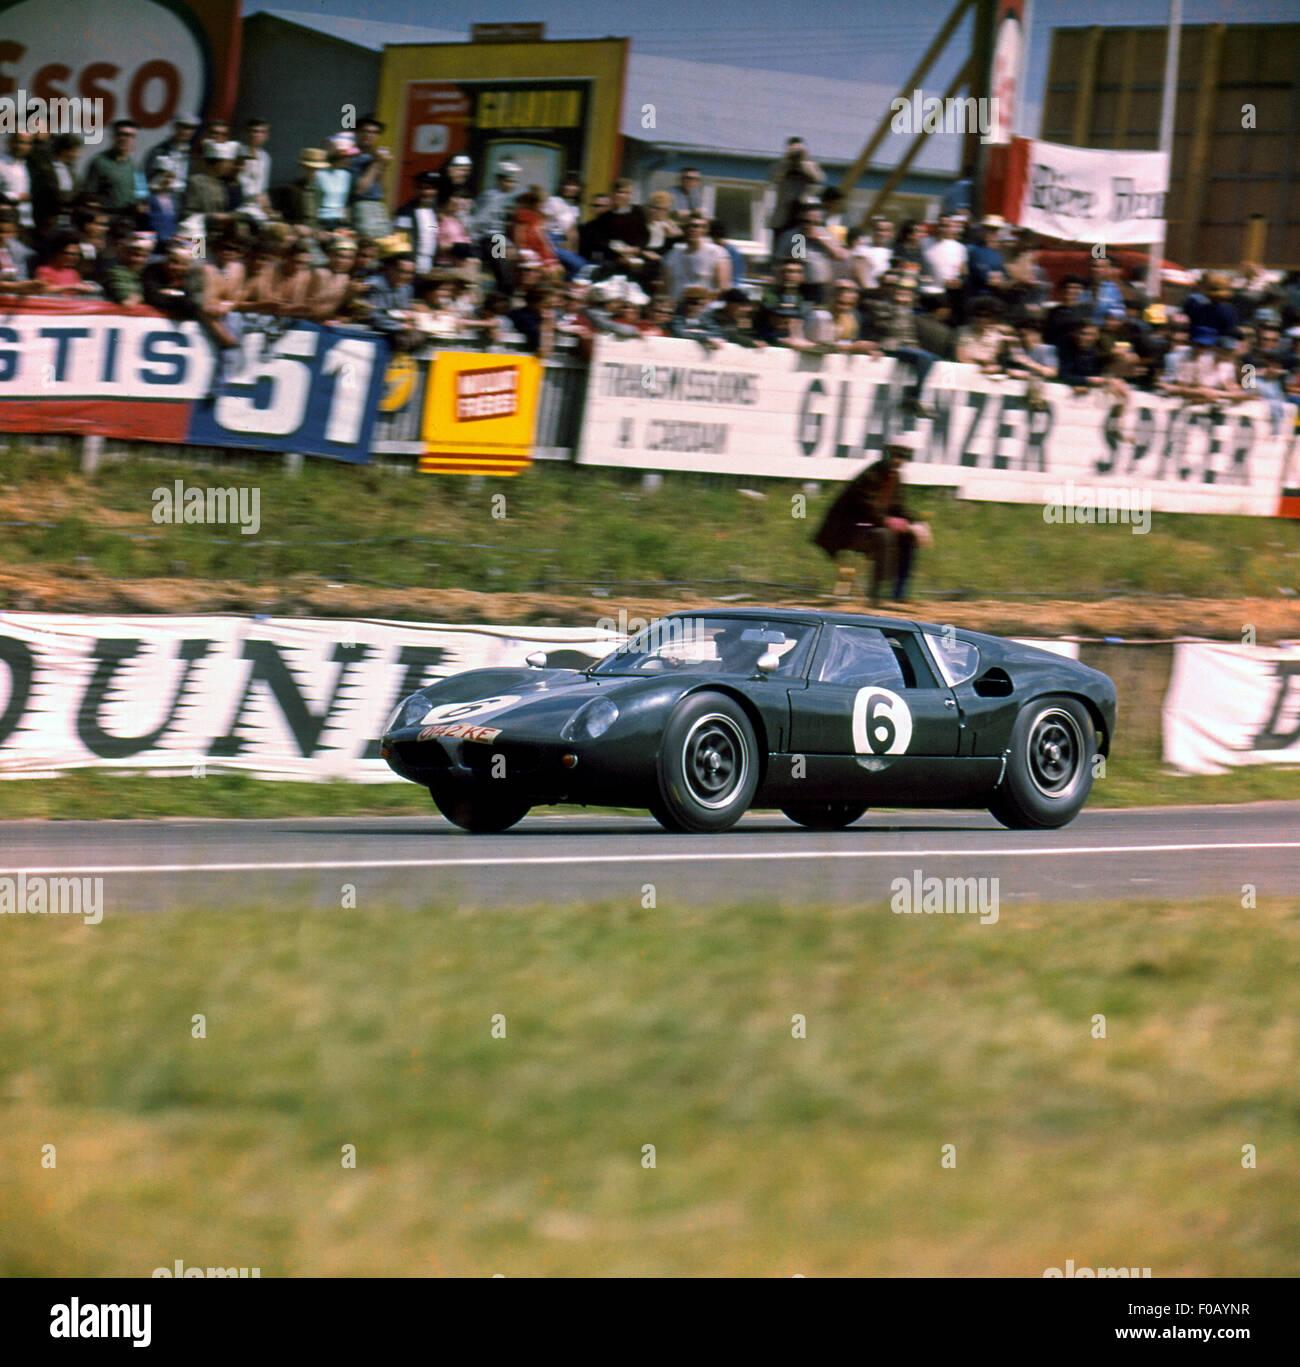 Le Mans 16. Juni 1963. Richard Attwood, David Hobbs Lola Mk.6 GT Ford. Stockbild